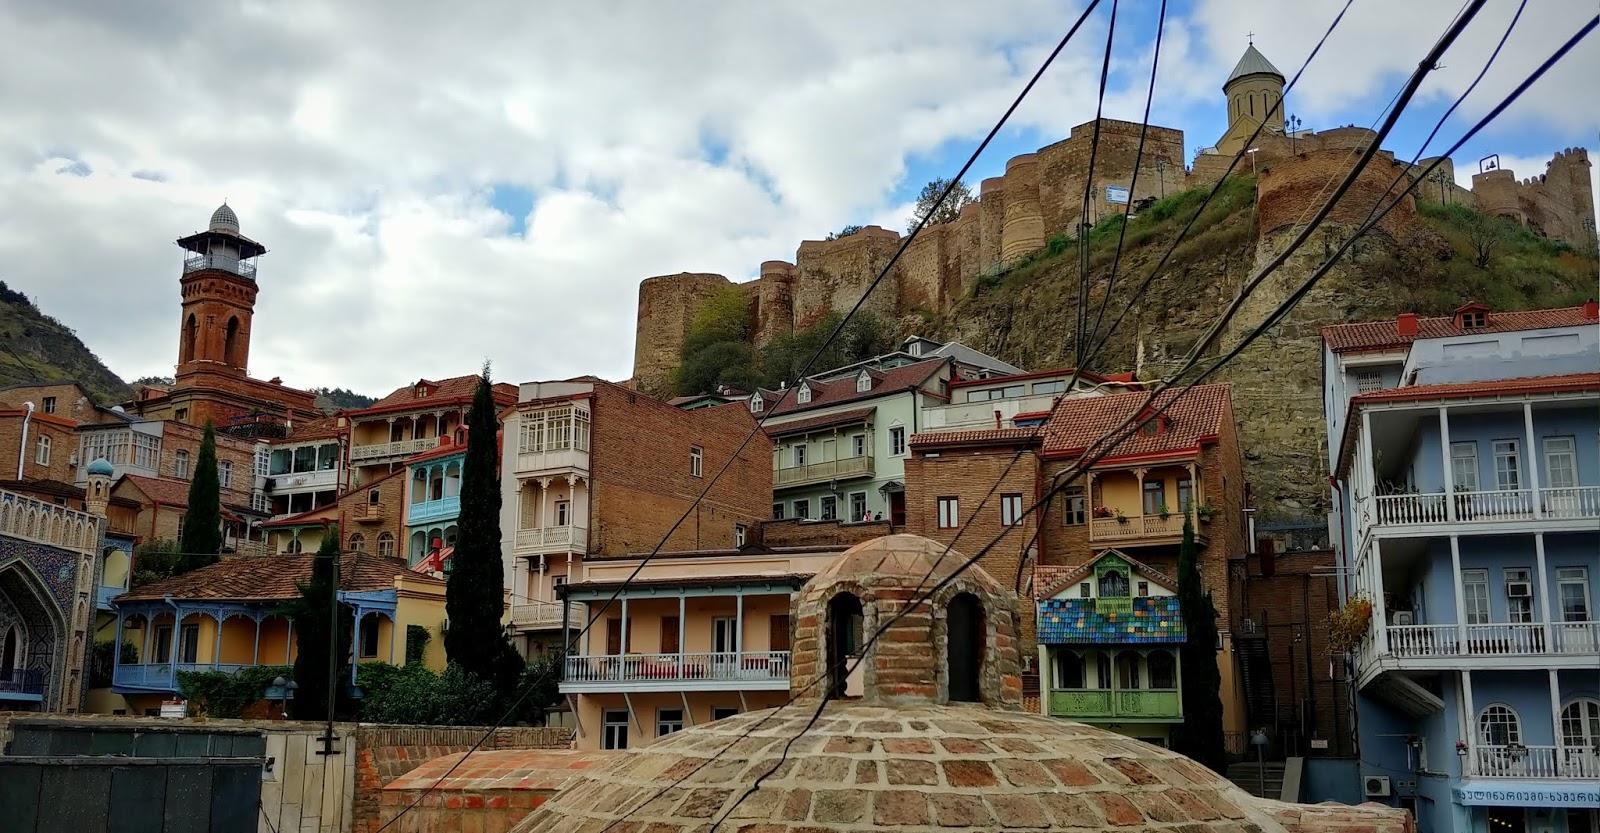 Łaźnie siarkowe publiczne w Tbilisi